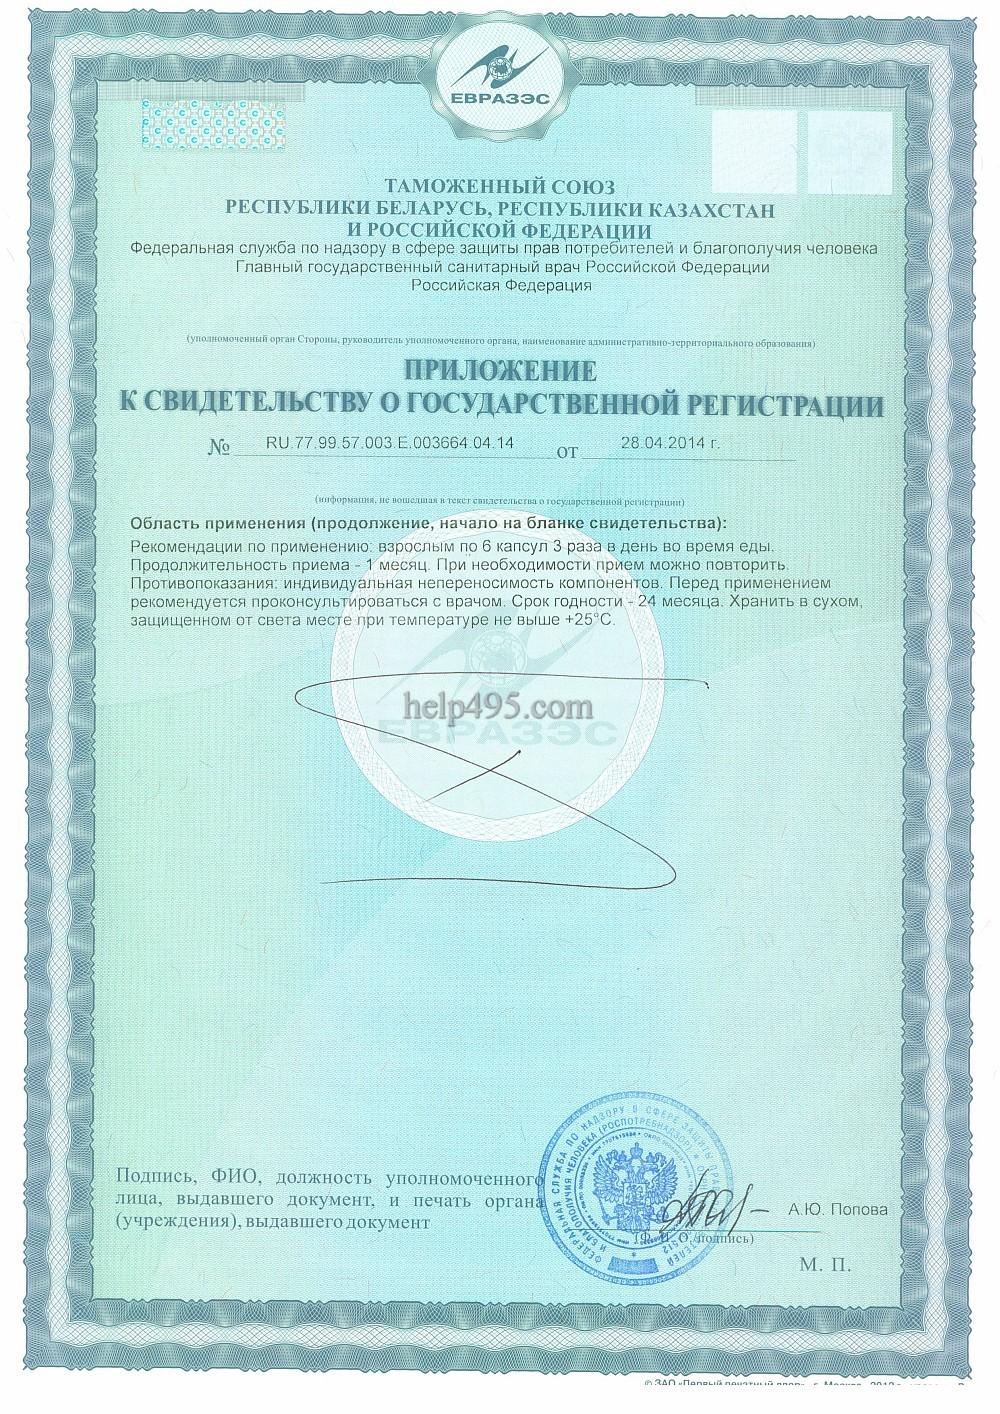 2-ая стр. сертификата препарата: Спирулина в капсулах Тяньши